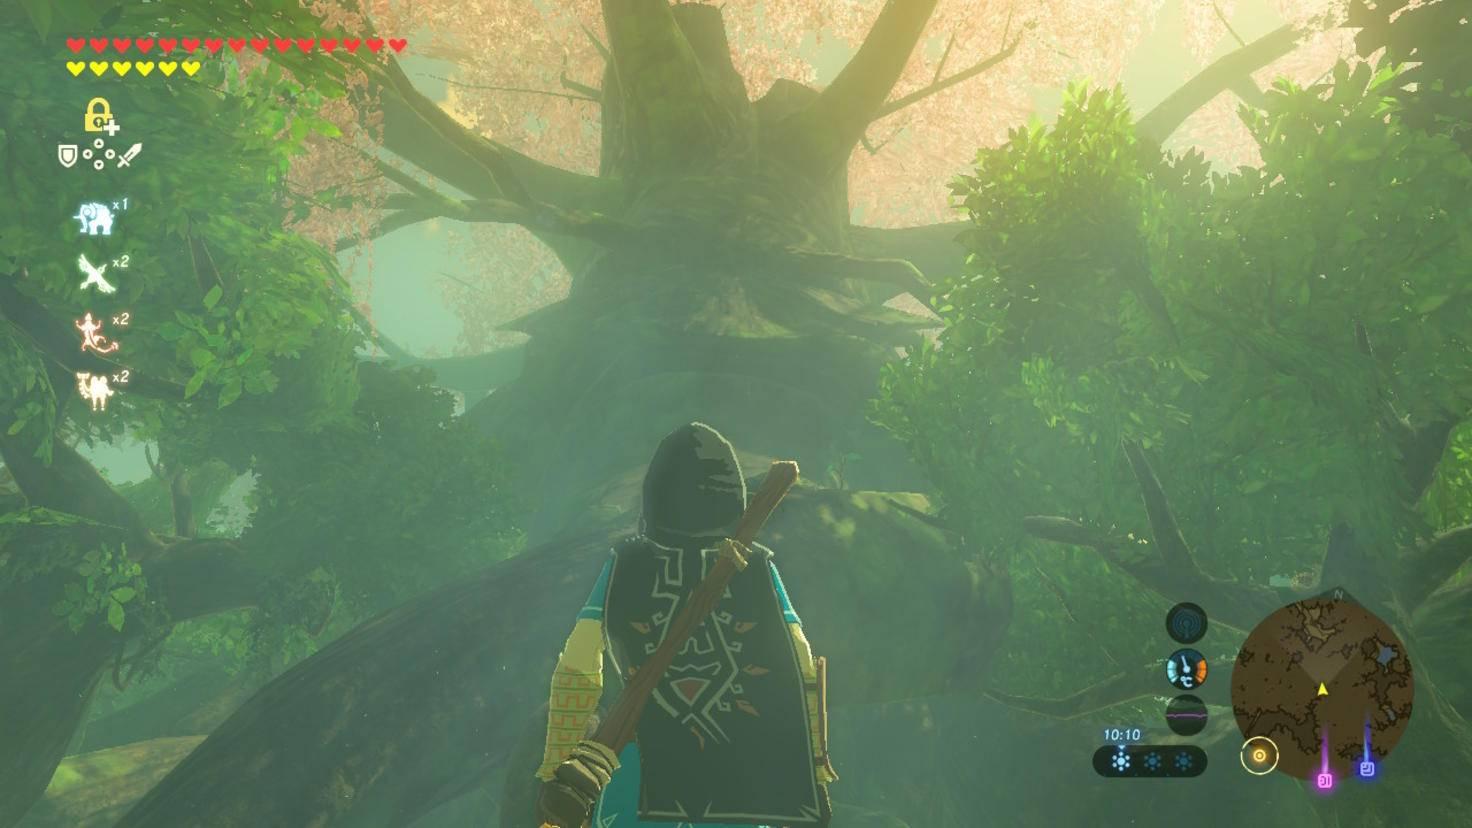 Der mächtige Deku-Baum wacht über das Master-Schwert. Link muss sich der legendären Waffe erst würdig erweisen.